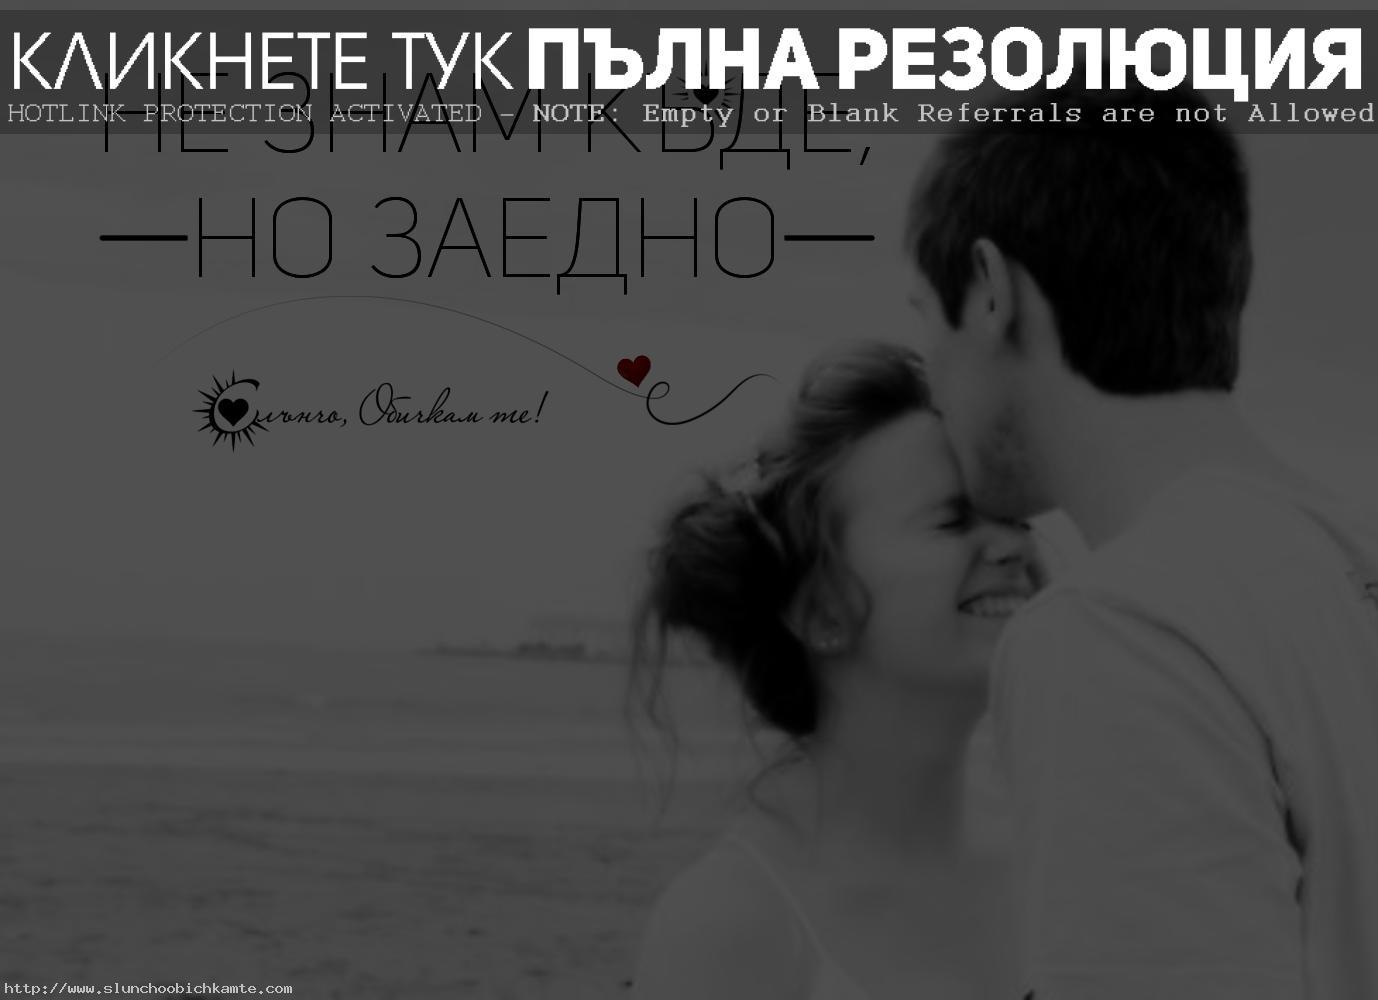 Не знам къде, но заедно. - Обичам те, Любовни мисли, любовни статуси, любовни фрази, любовни цитати, навсякъде отивам с теб, навсякъде с теб, винаги до теб, завинаги, винаги ще те обичам, любов